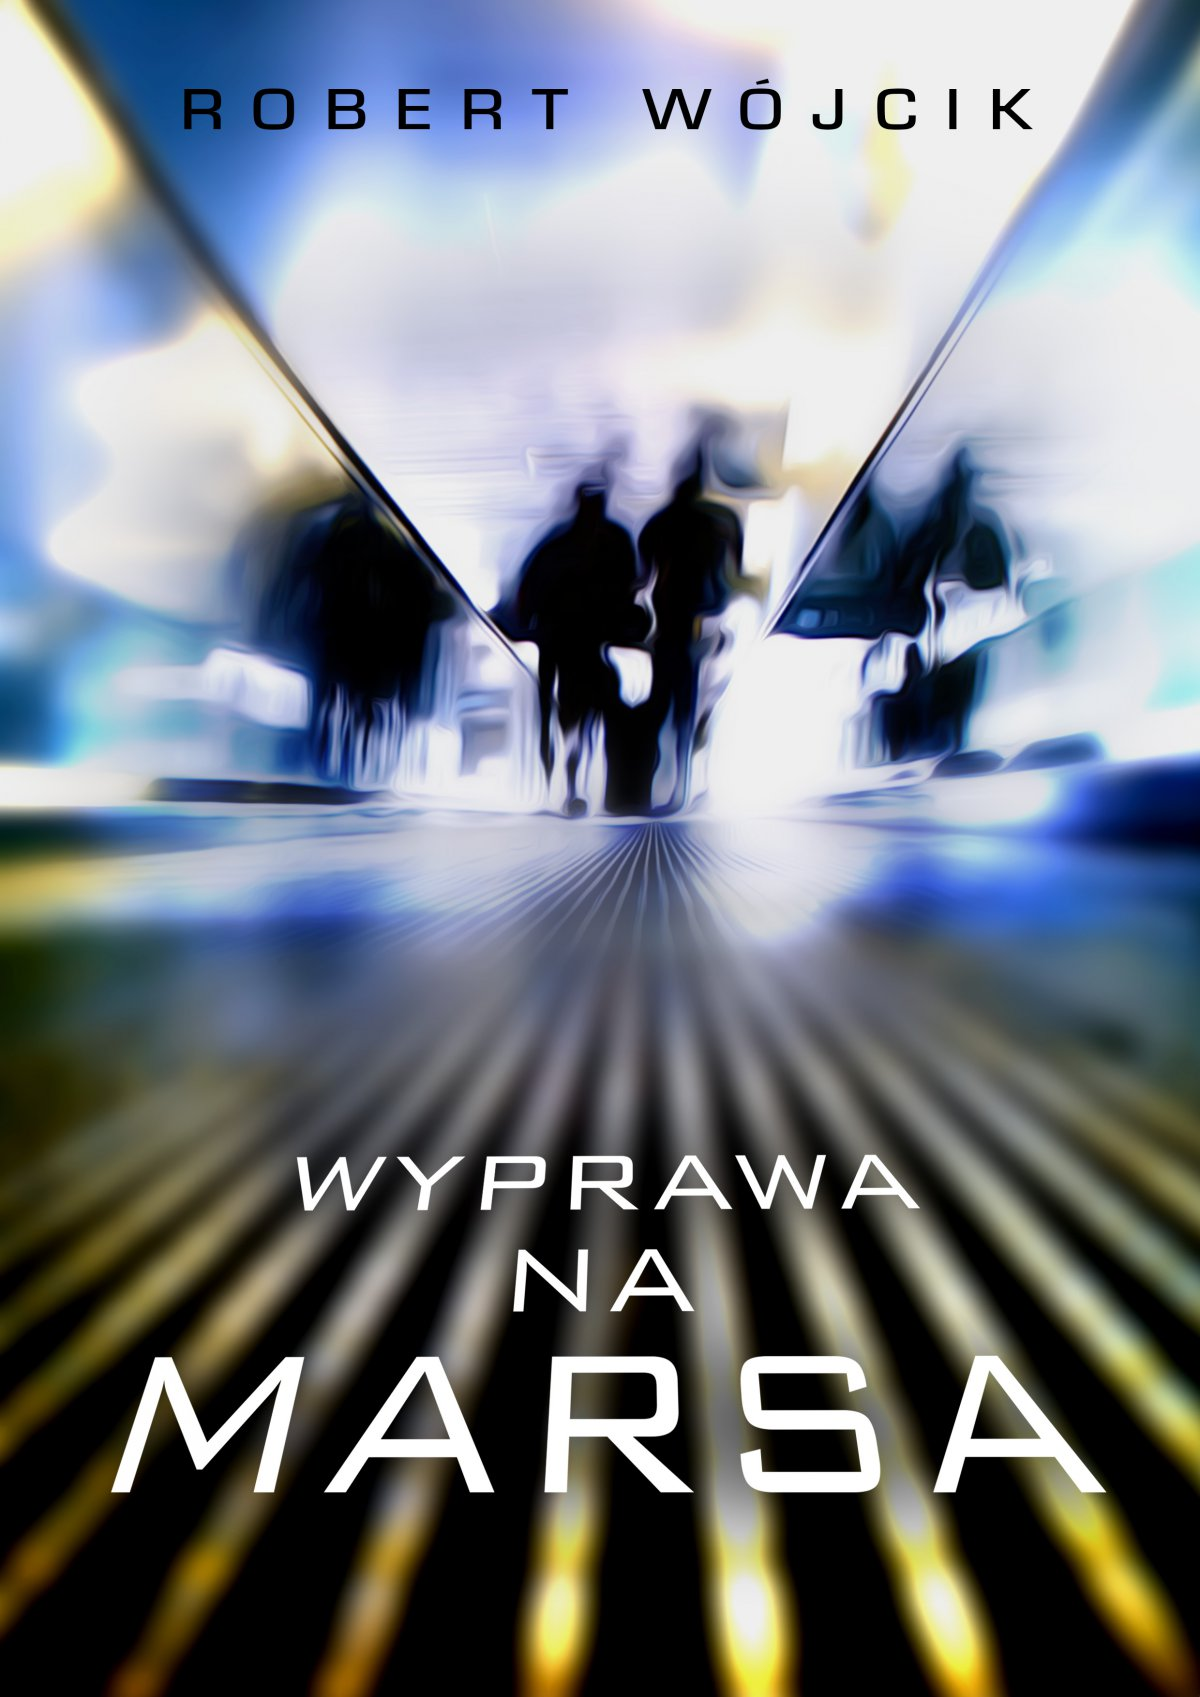 Wyprawa na Marsa - Ebook (Książka EPUB) do pobrania w formacie EPUB